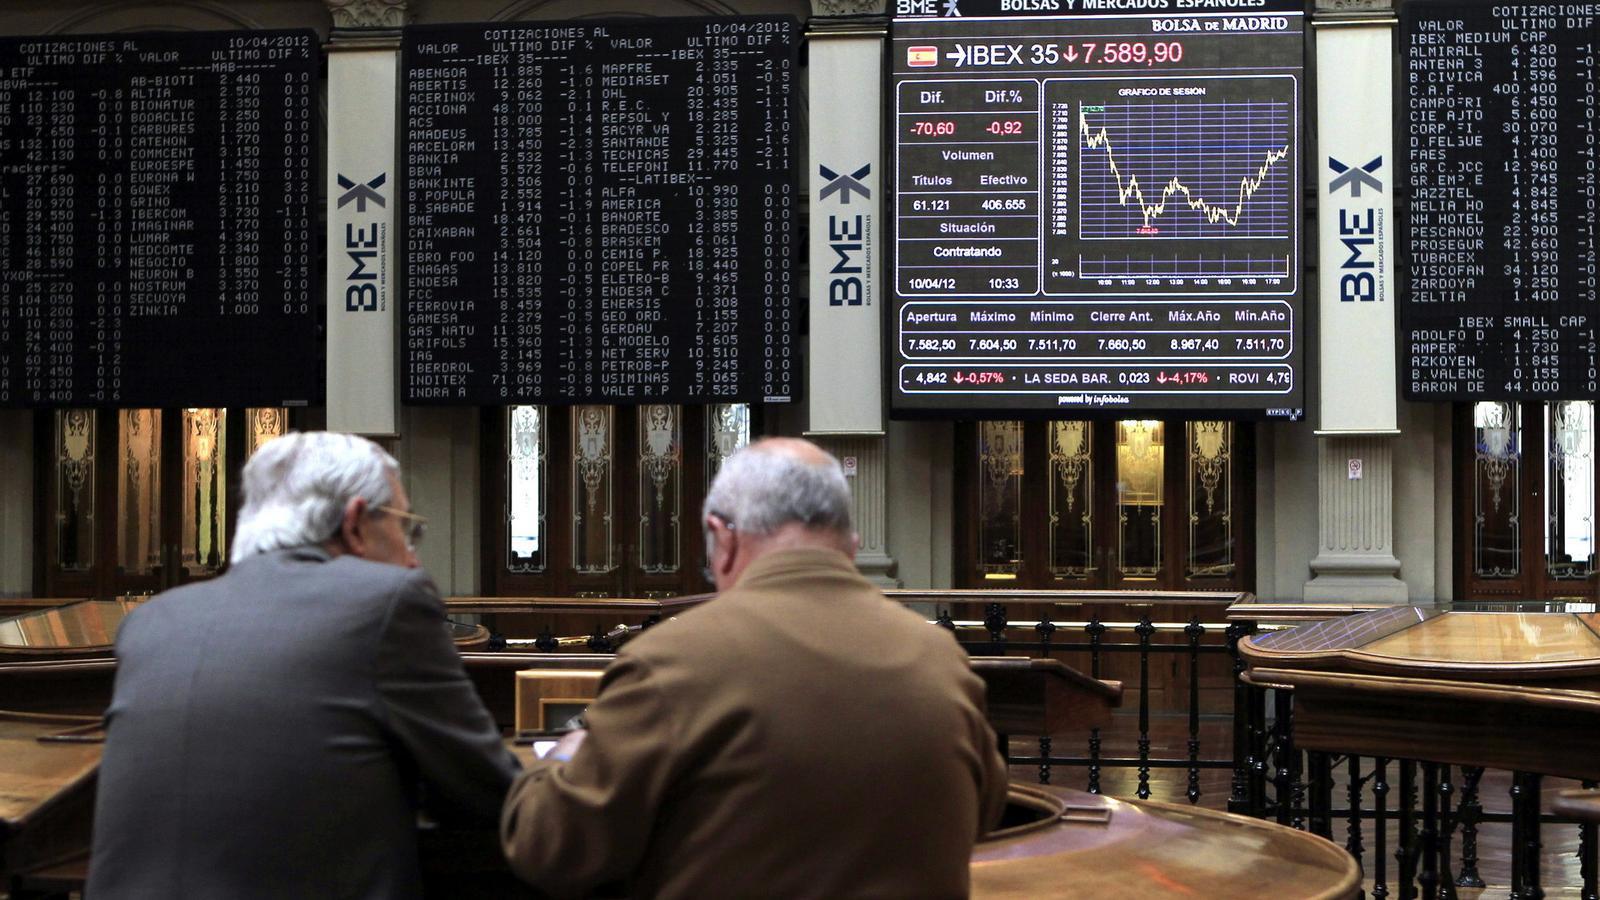 L'Íbex remuntarà el segon trimestre / GUSTAVO CUEVAS / EFE